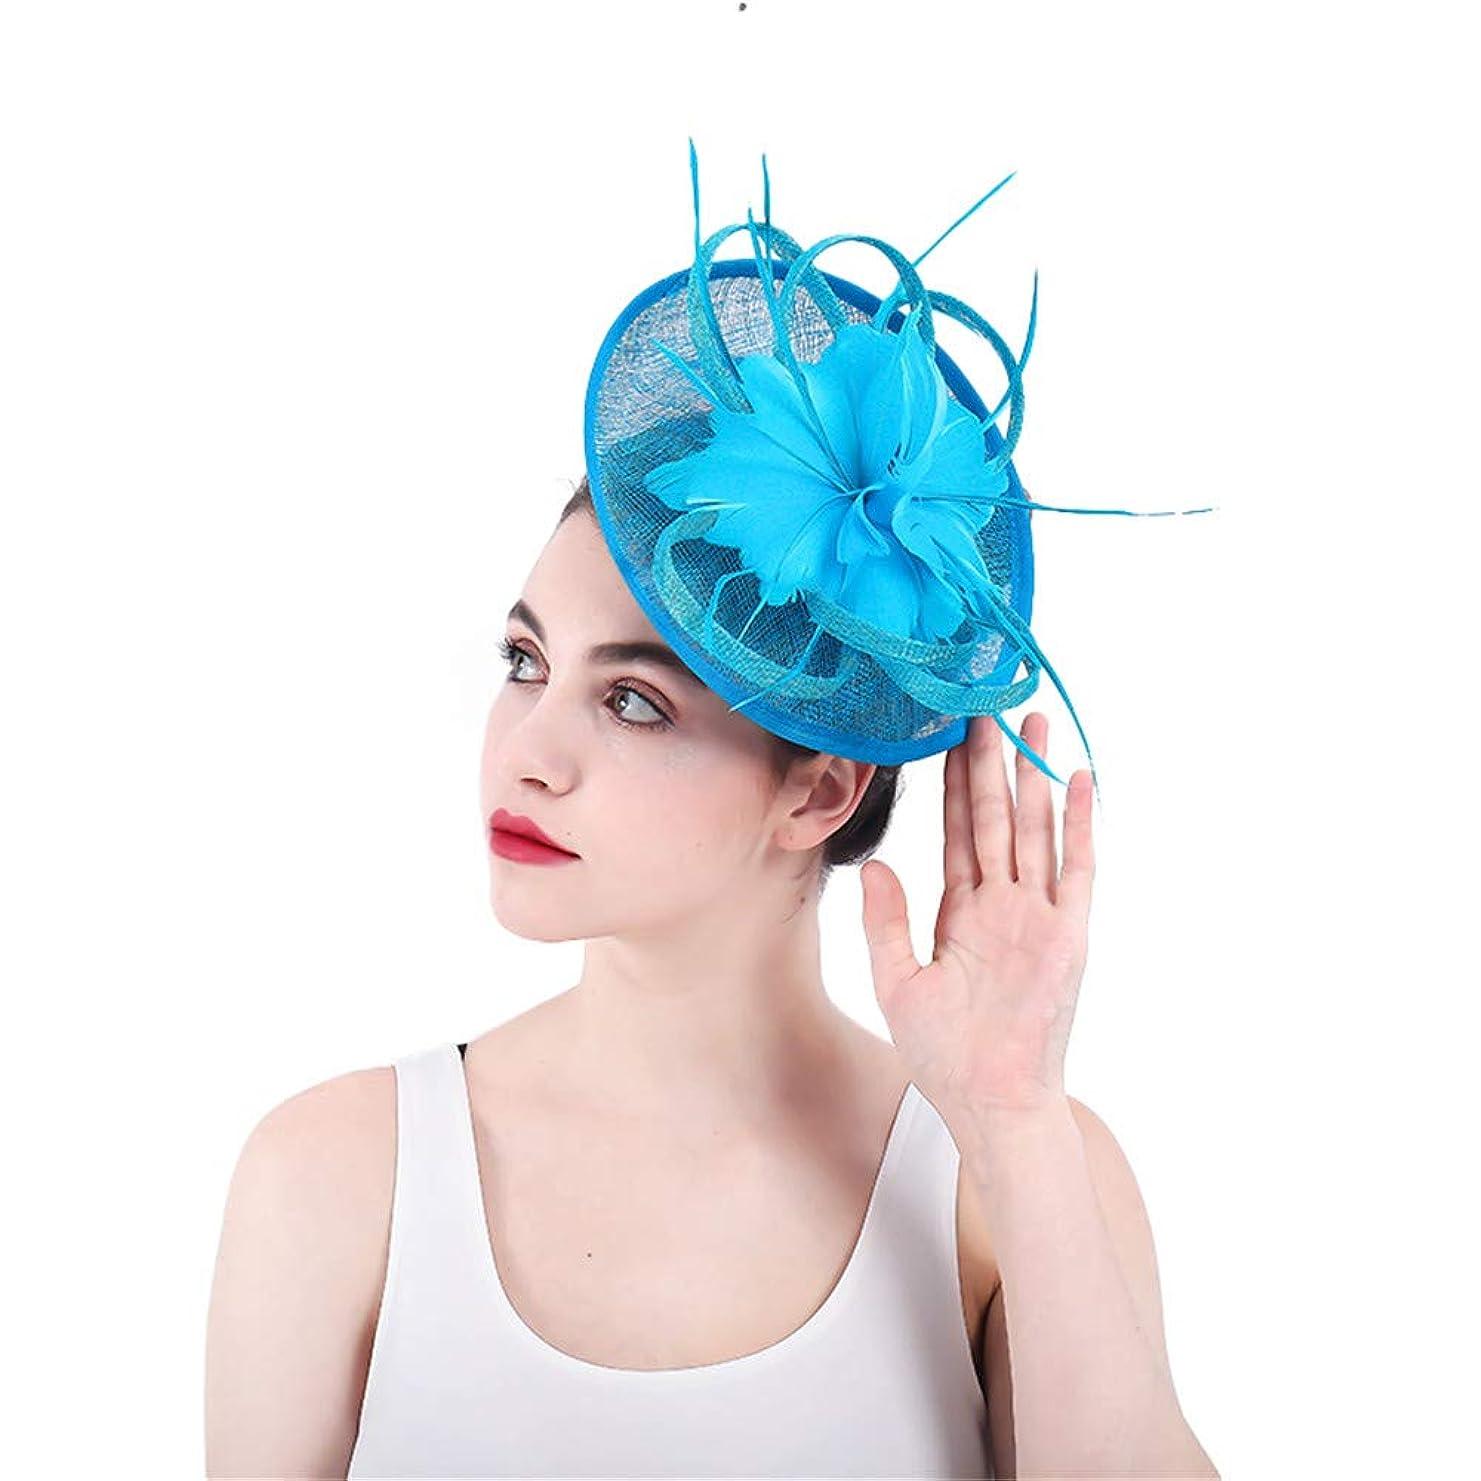 山岳香ばしいバーベキュー女性の魅力的な帽子 女性の青い羽の帽子の魅力的なカクテルパーティーの帽子の結婚式の帽子の花のヘアピン女性の日の競争高貴なアスコット